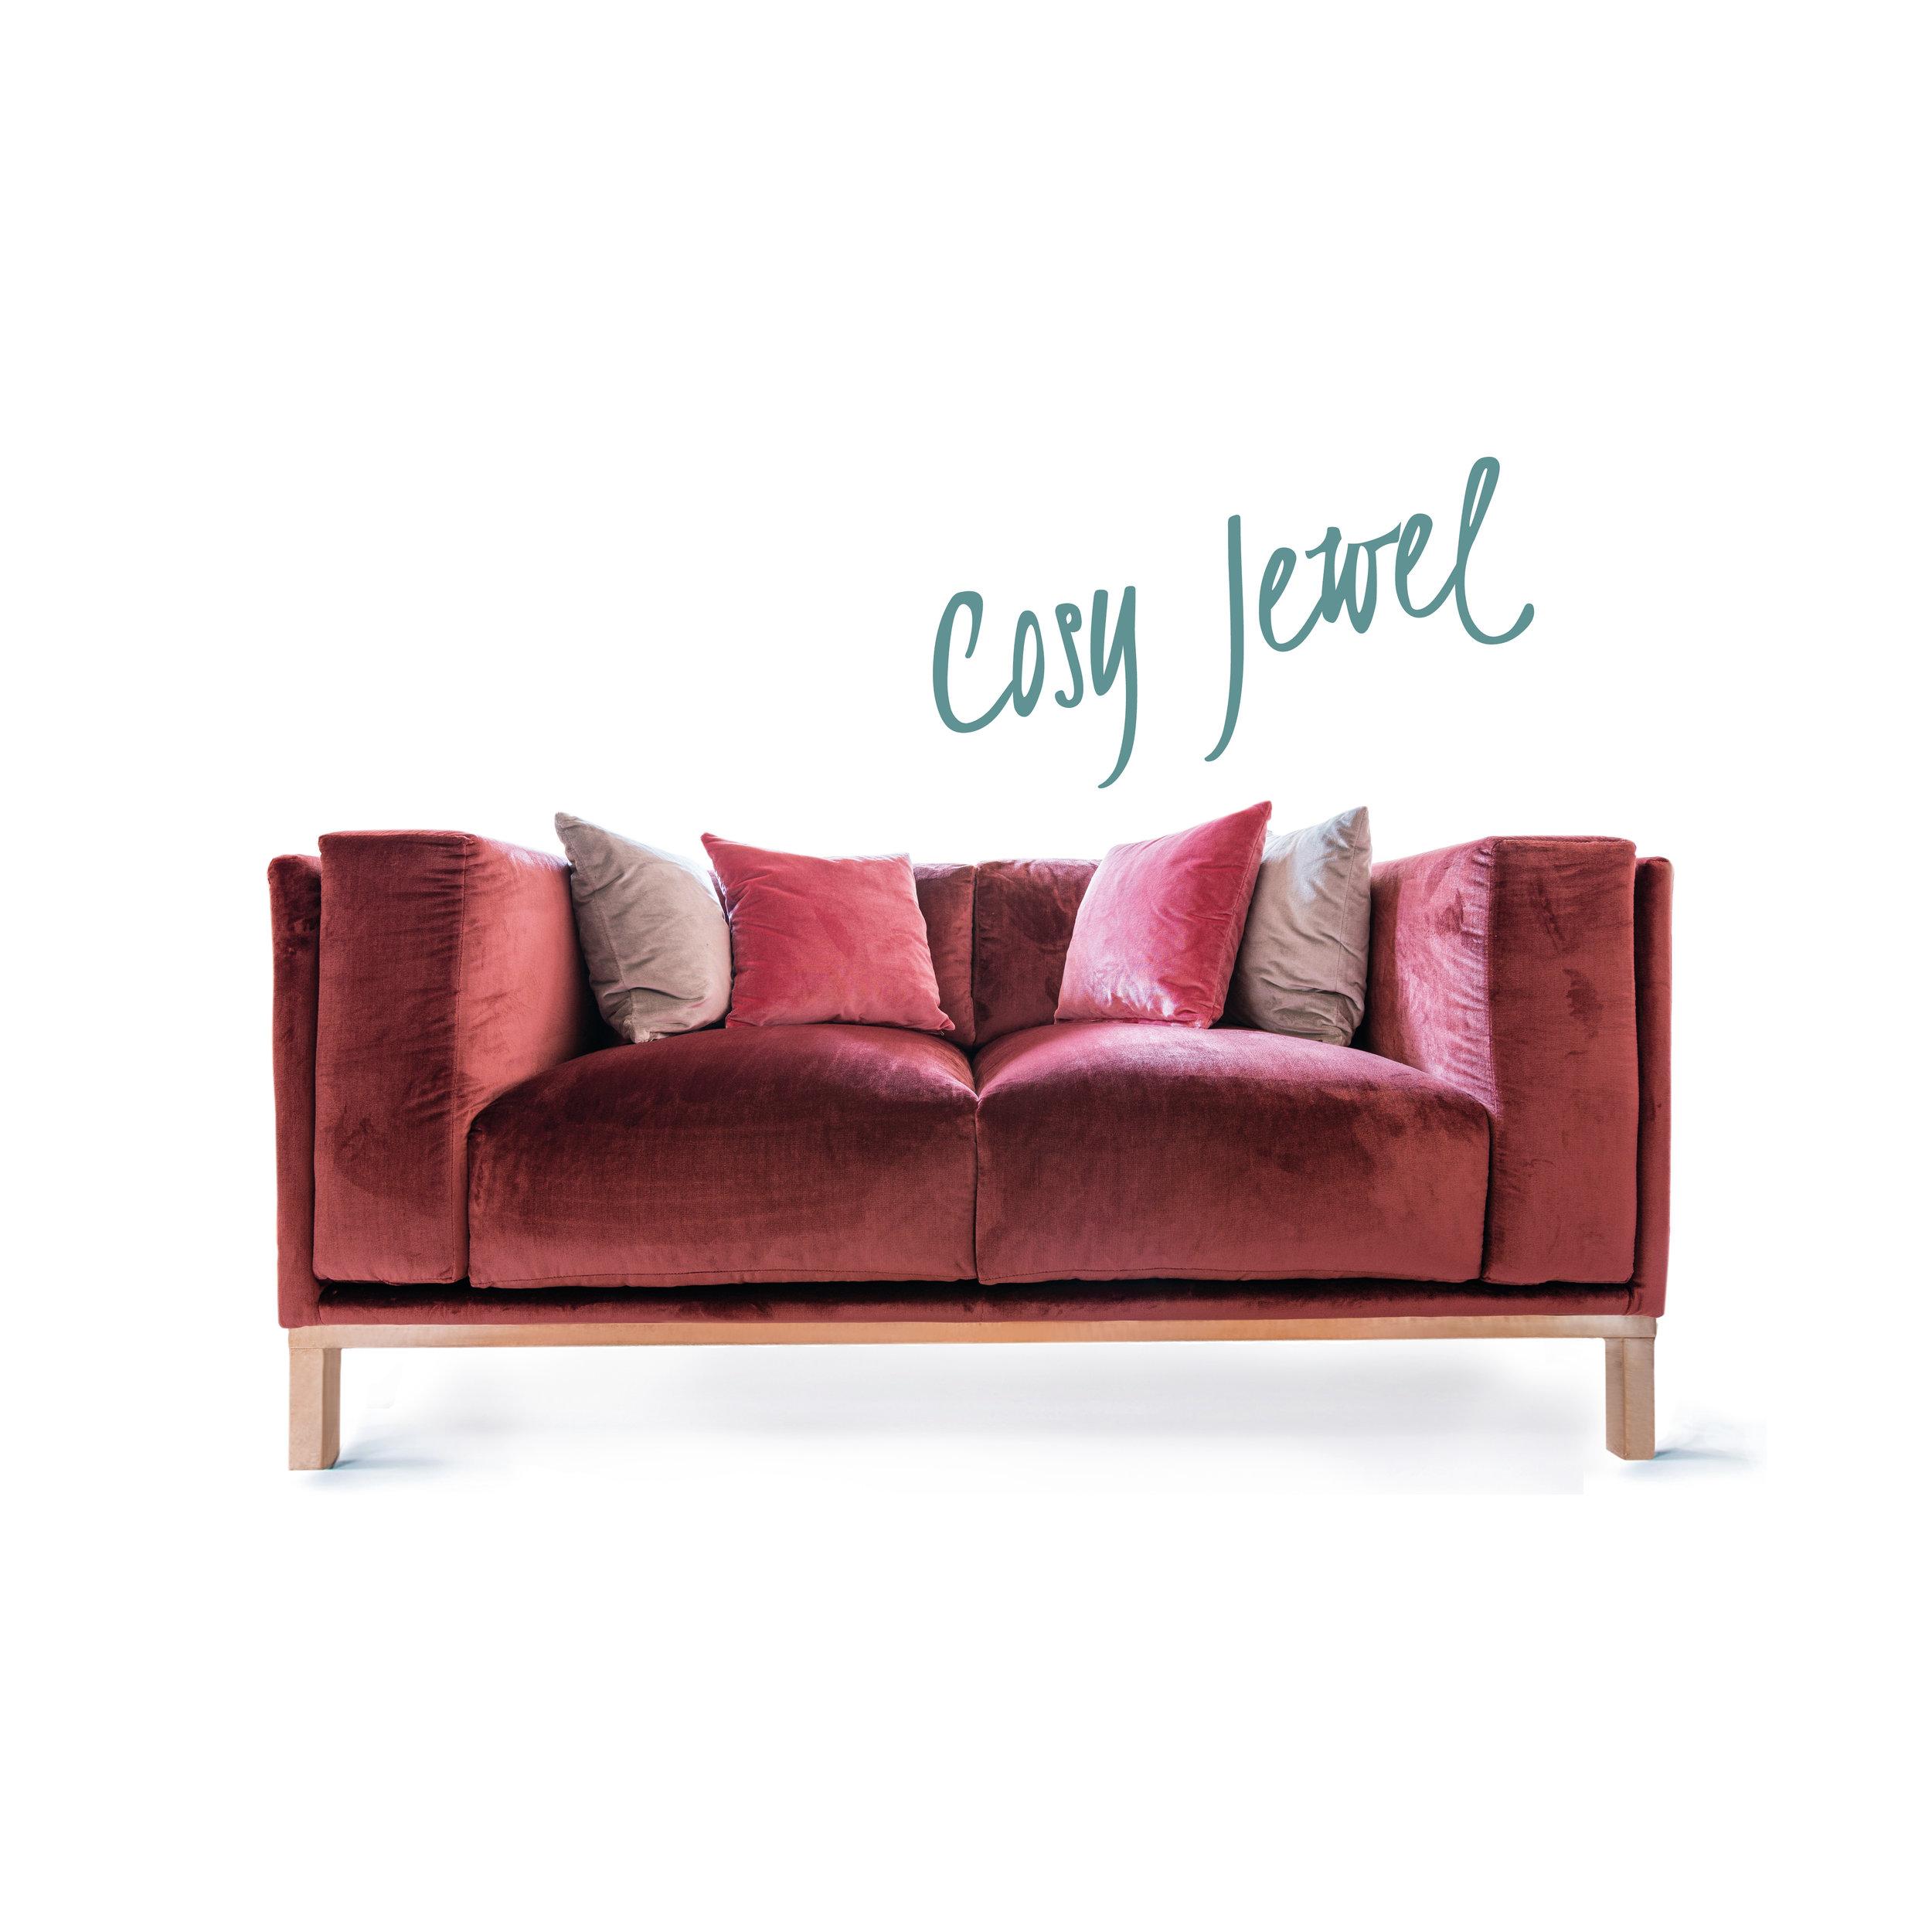 Unser Cosy Jewel ist die Diva unter den Sofas und spiegelt den sinnlichen, verrückten UK Spirit wider. Durch sein Metallgestell in Messing- oder Chromoptik und einem glanzenden Samtstoff ist das Sofa der Eyecatcher in jedem Wohnzimmer.